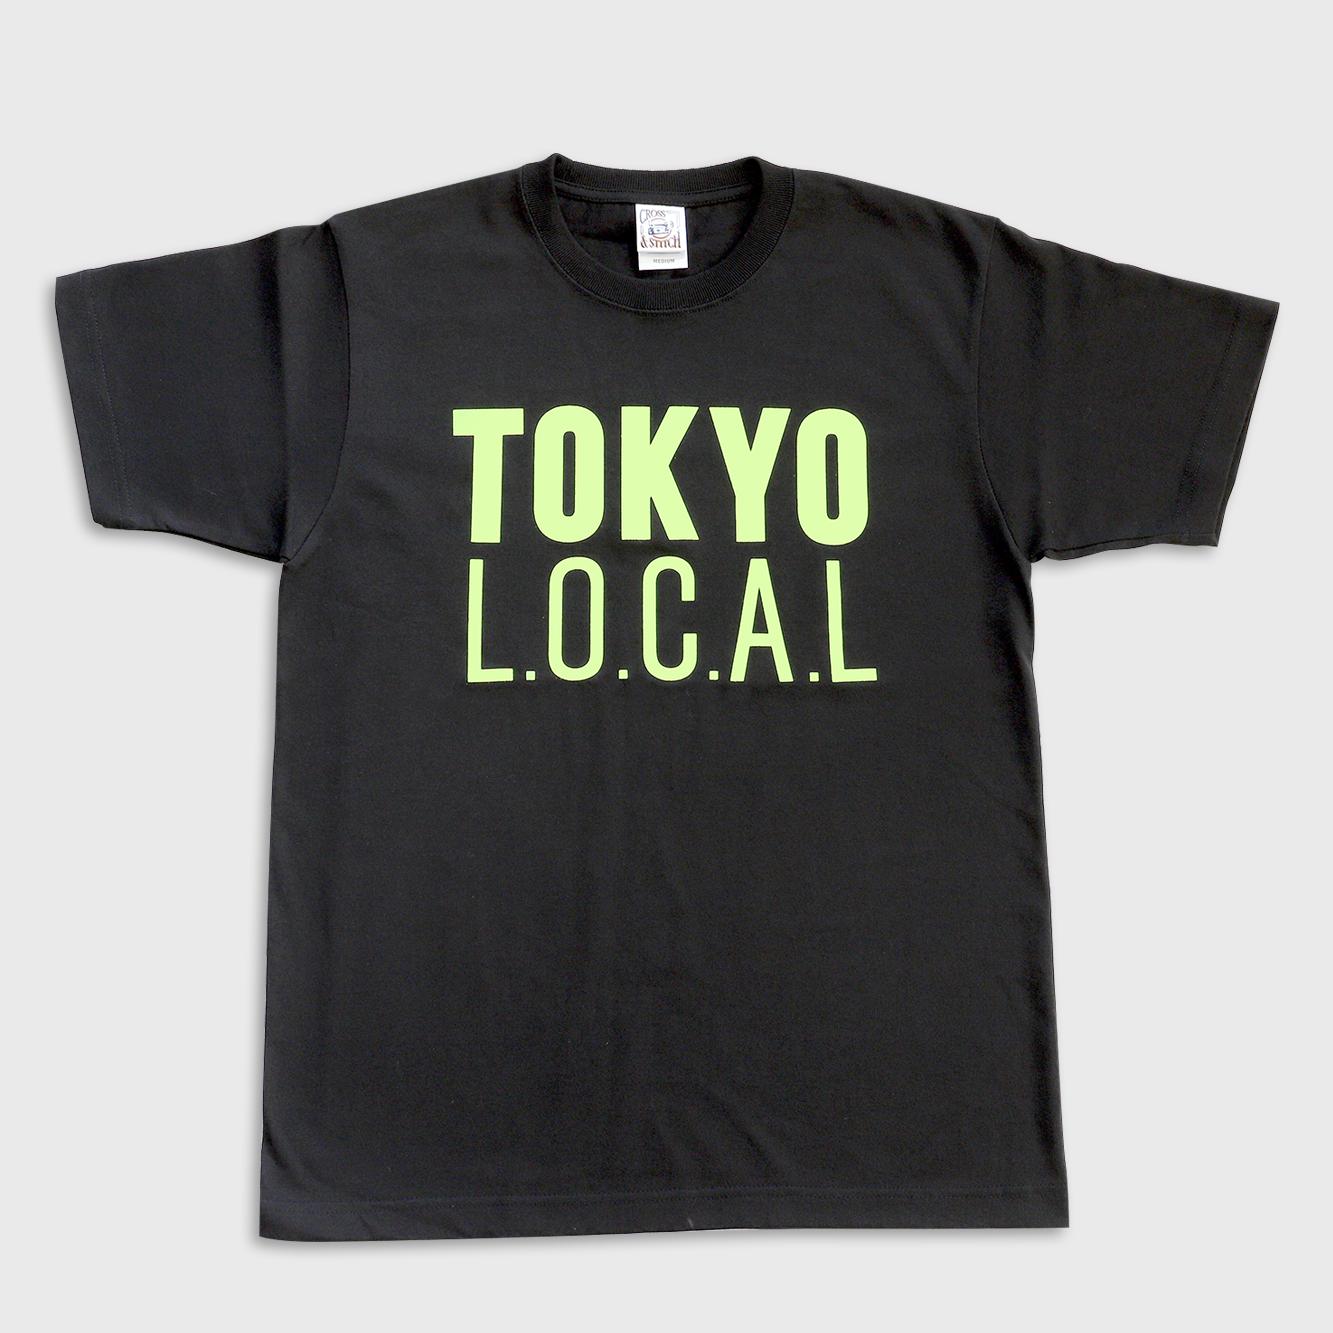 「ベーシックロゴ」 TOKYO L.O.C.A.L 蛍光カラー Tシャツ(バックプリント:ROOM810)